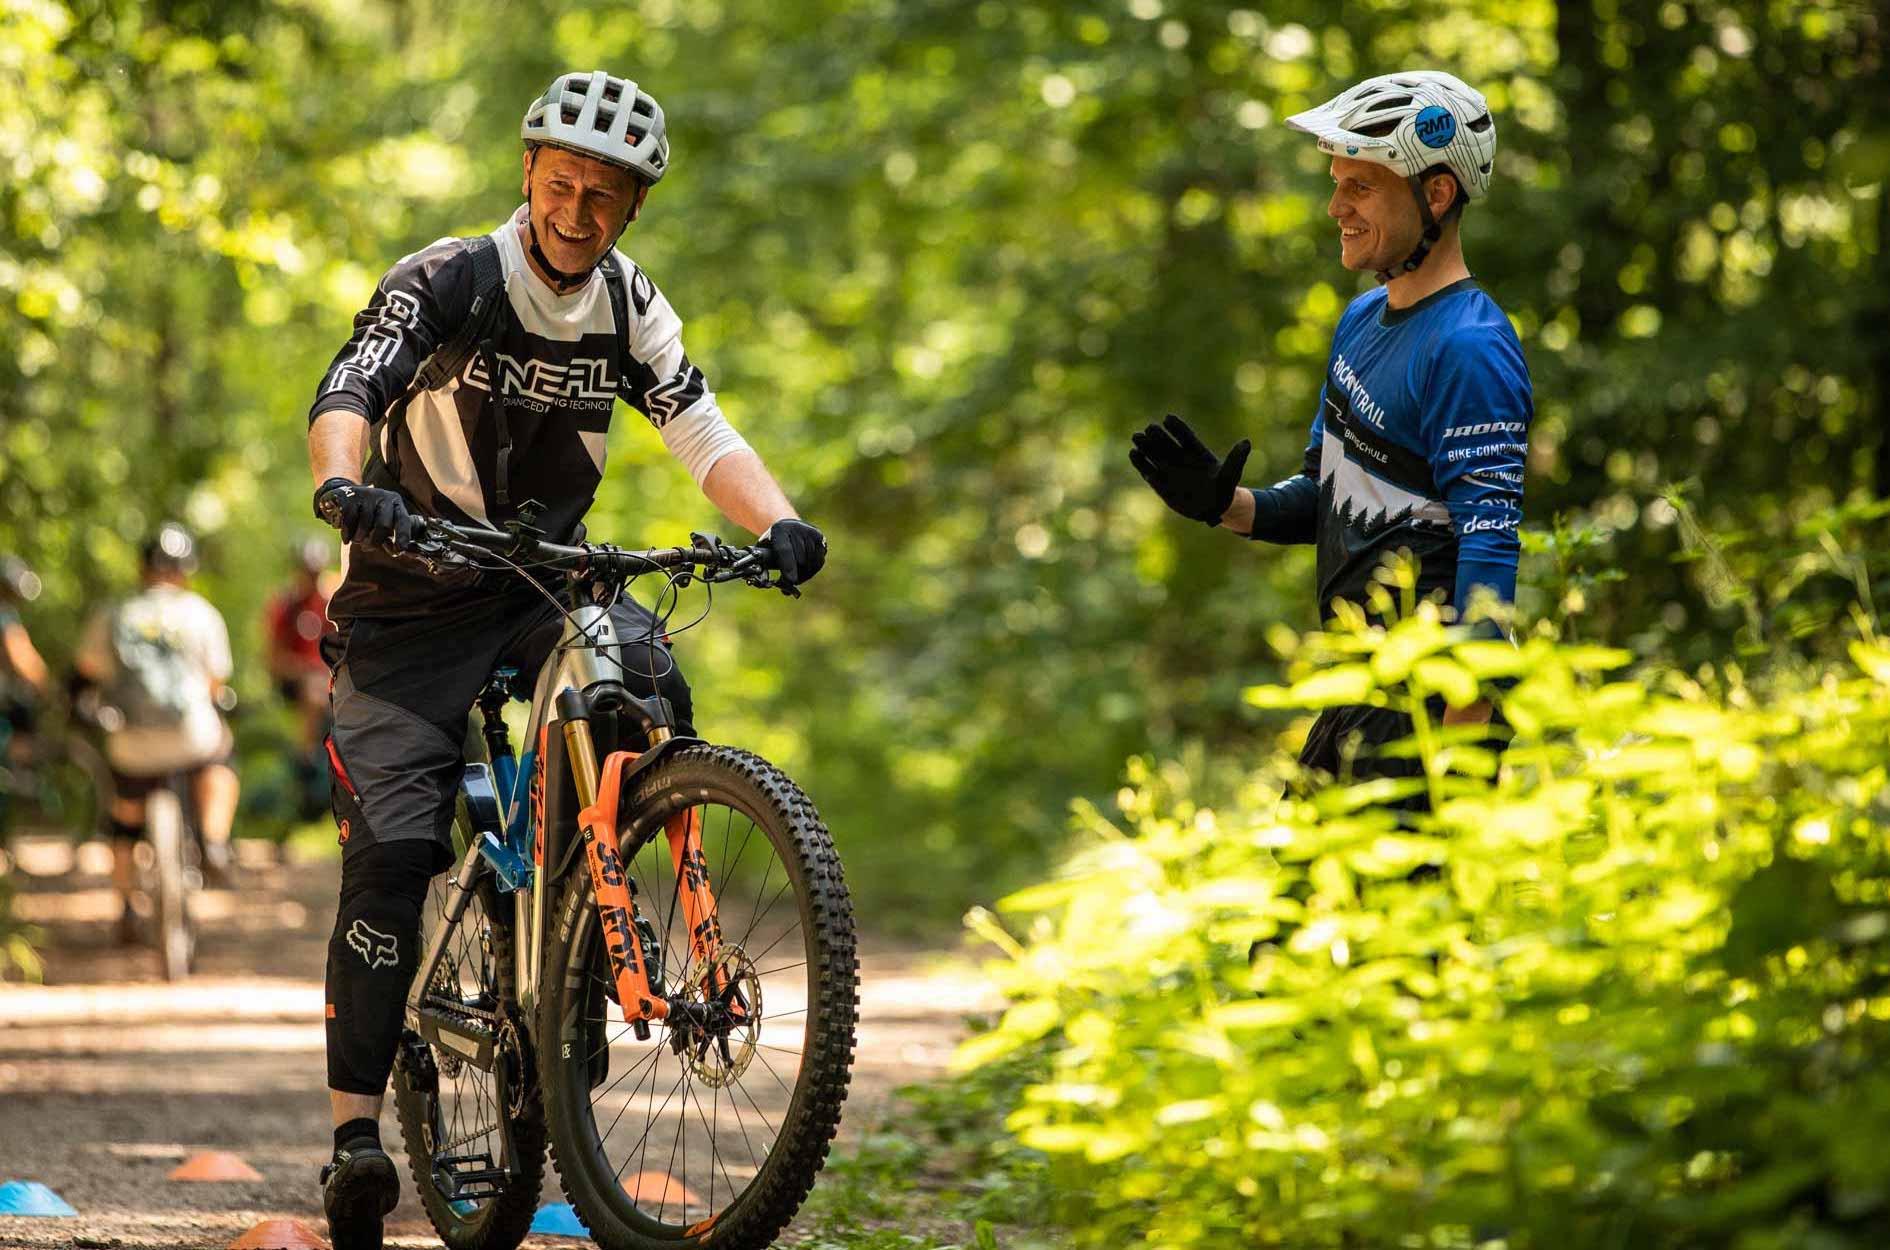 eMTB Fahrtechnik Kurs Einsteiger Moers - Halde Norddeutschland Ruhrgebiet - Fahrtechnik Training Rock my Trail Bikeschule GmbH